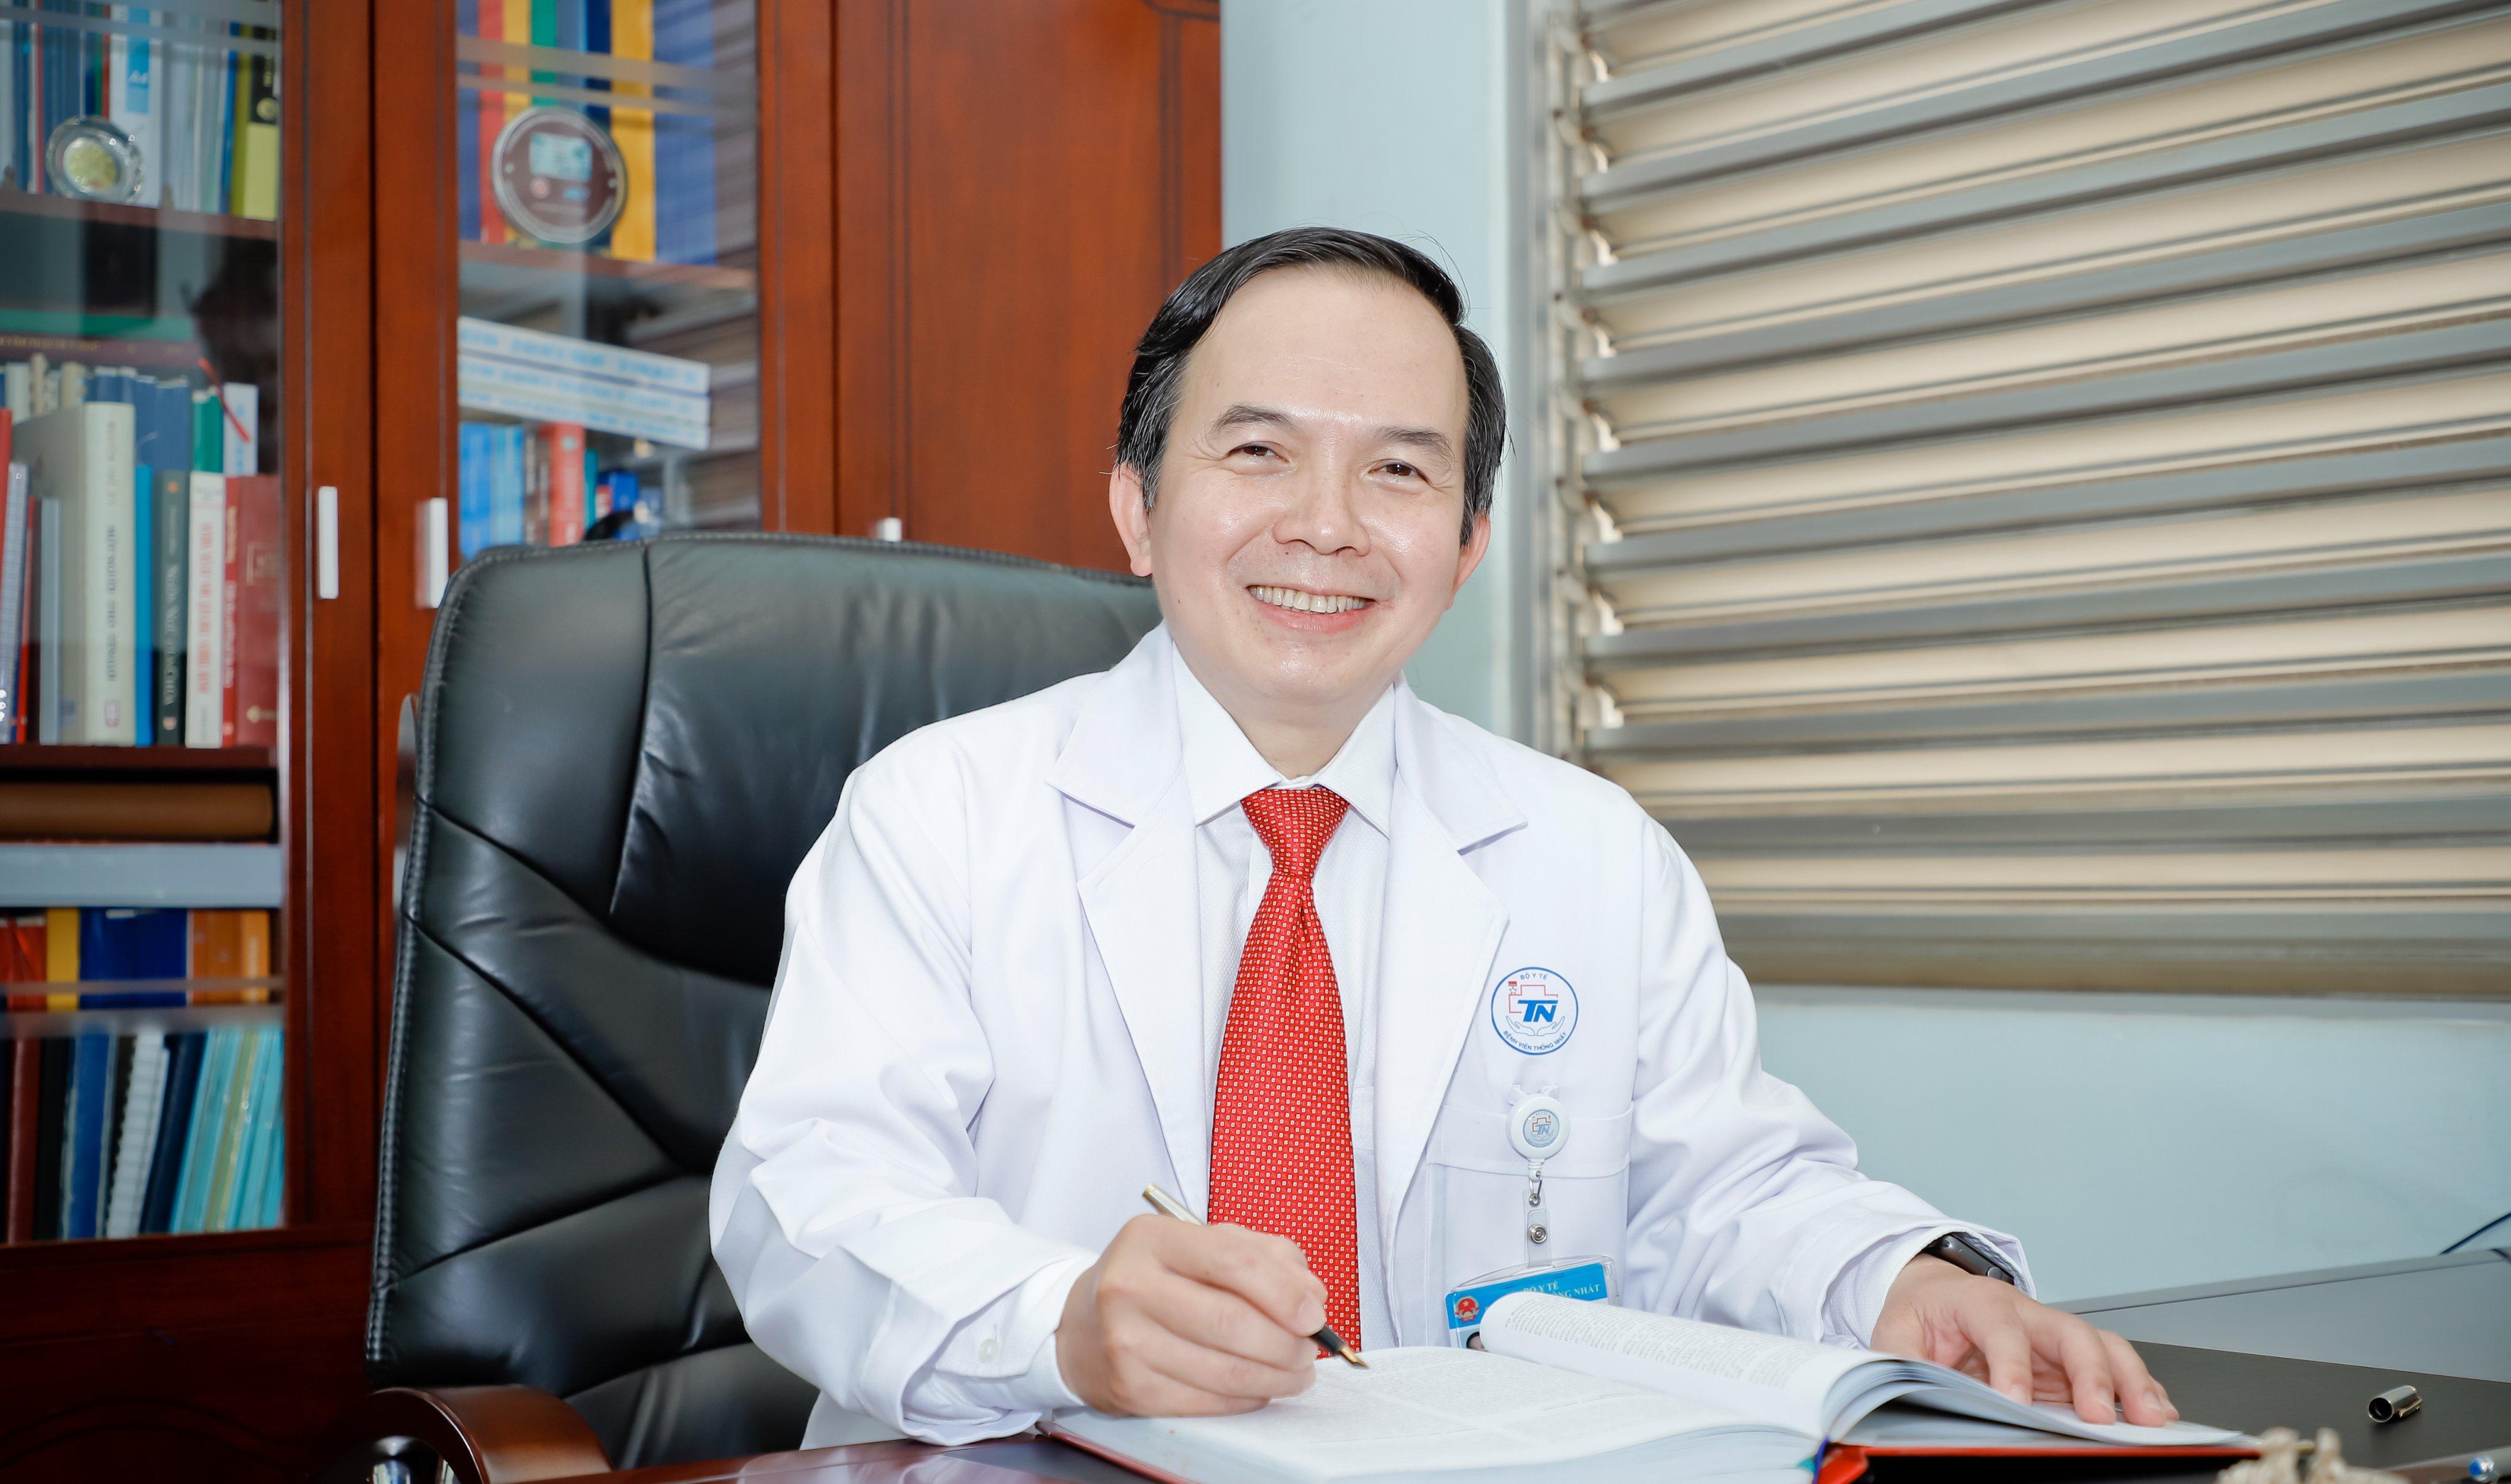 TTƯT.PGS.TS.BS Đỗ Kim Quế - Người khai mở phẫu thuật tim tại Bệnh viện Thống Nhất